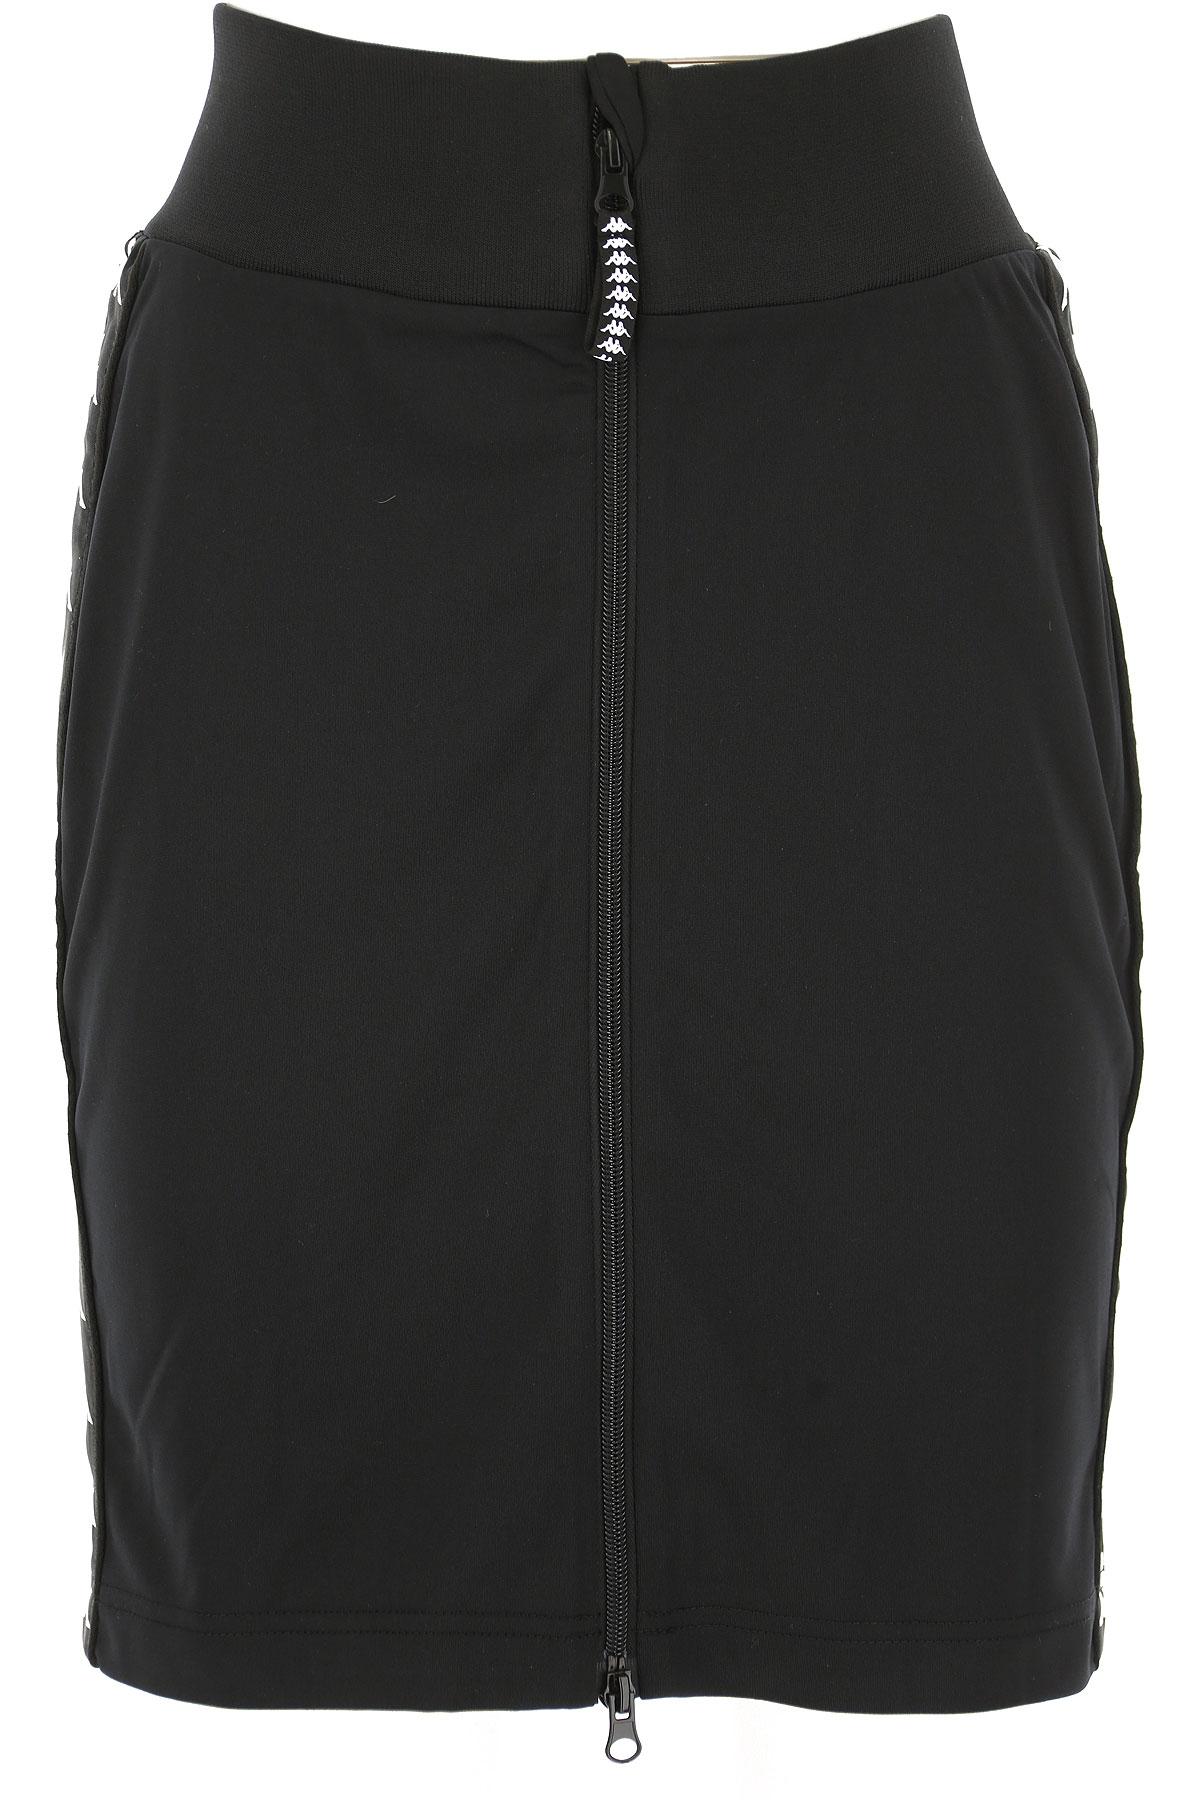 Image of Kappa Skirt for Women, Black, polyester, 2017, 4 6 8